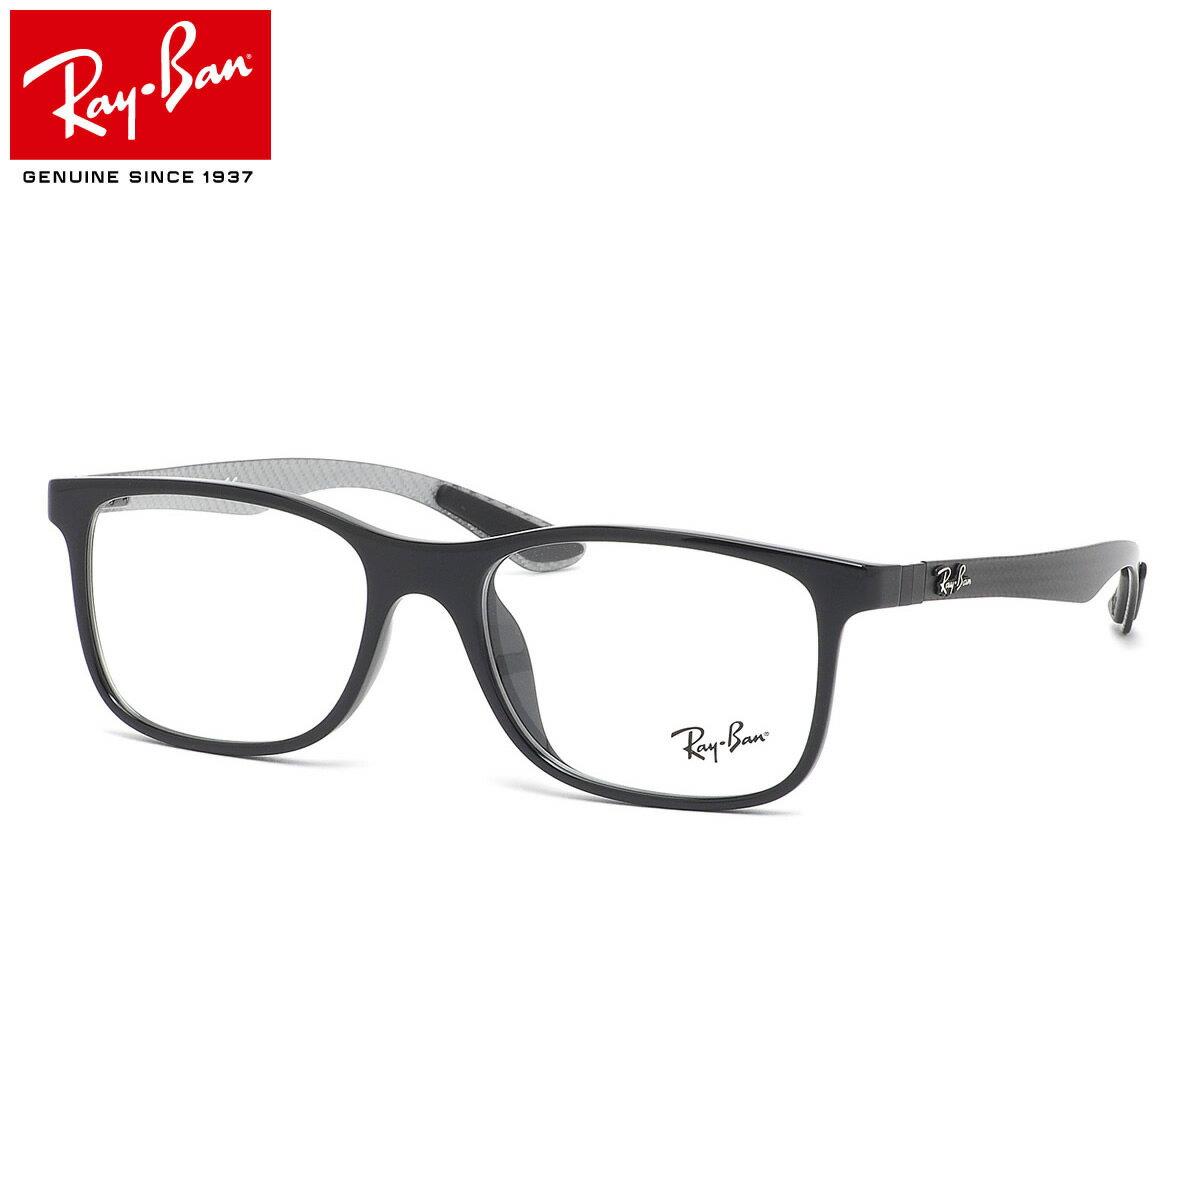 店内ほぼ全品ポイント15倍!!最大43倍!!クーポンも レイバン メガネ フレーム Ray-Ban RX8903F 5681 55サイズ スクエア フルフィット レイバン RAYBAN メンズ レディース